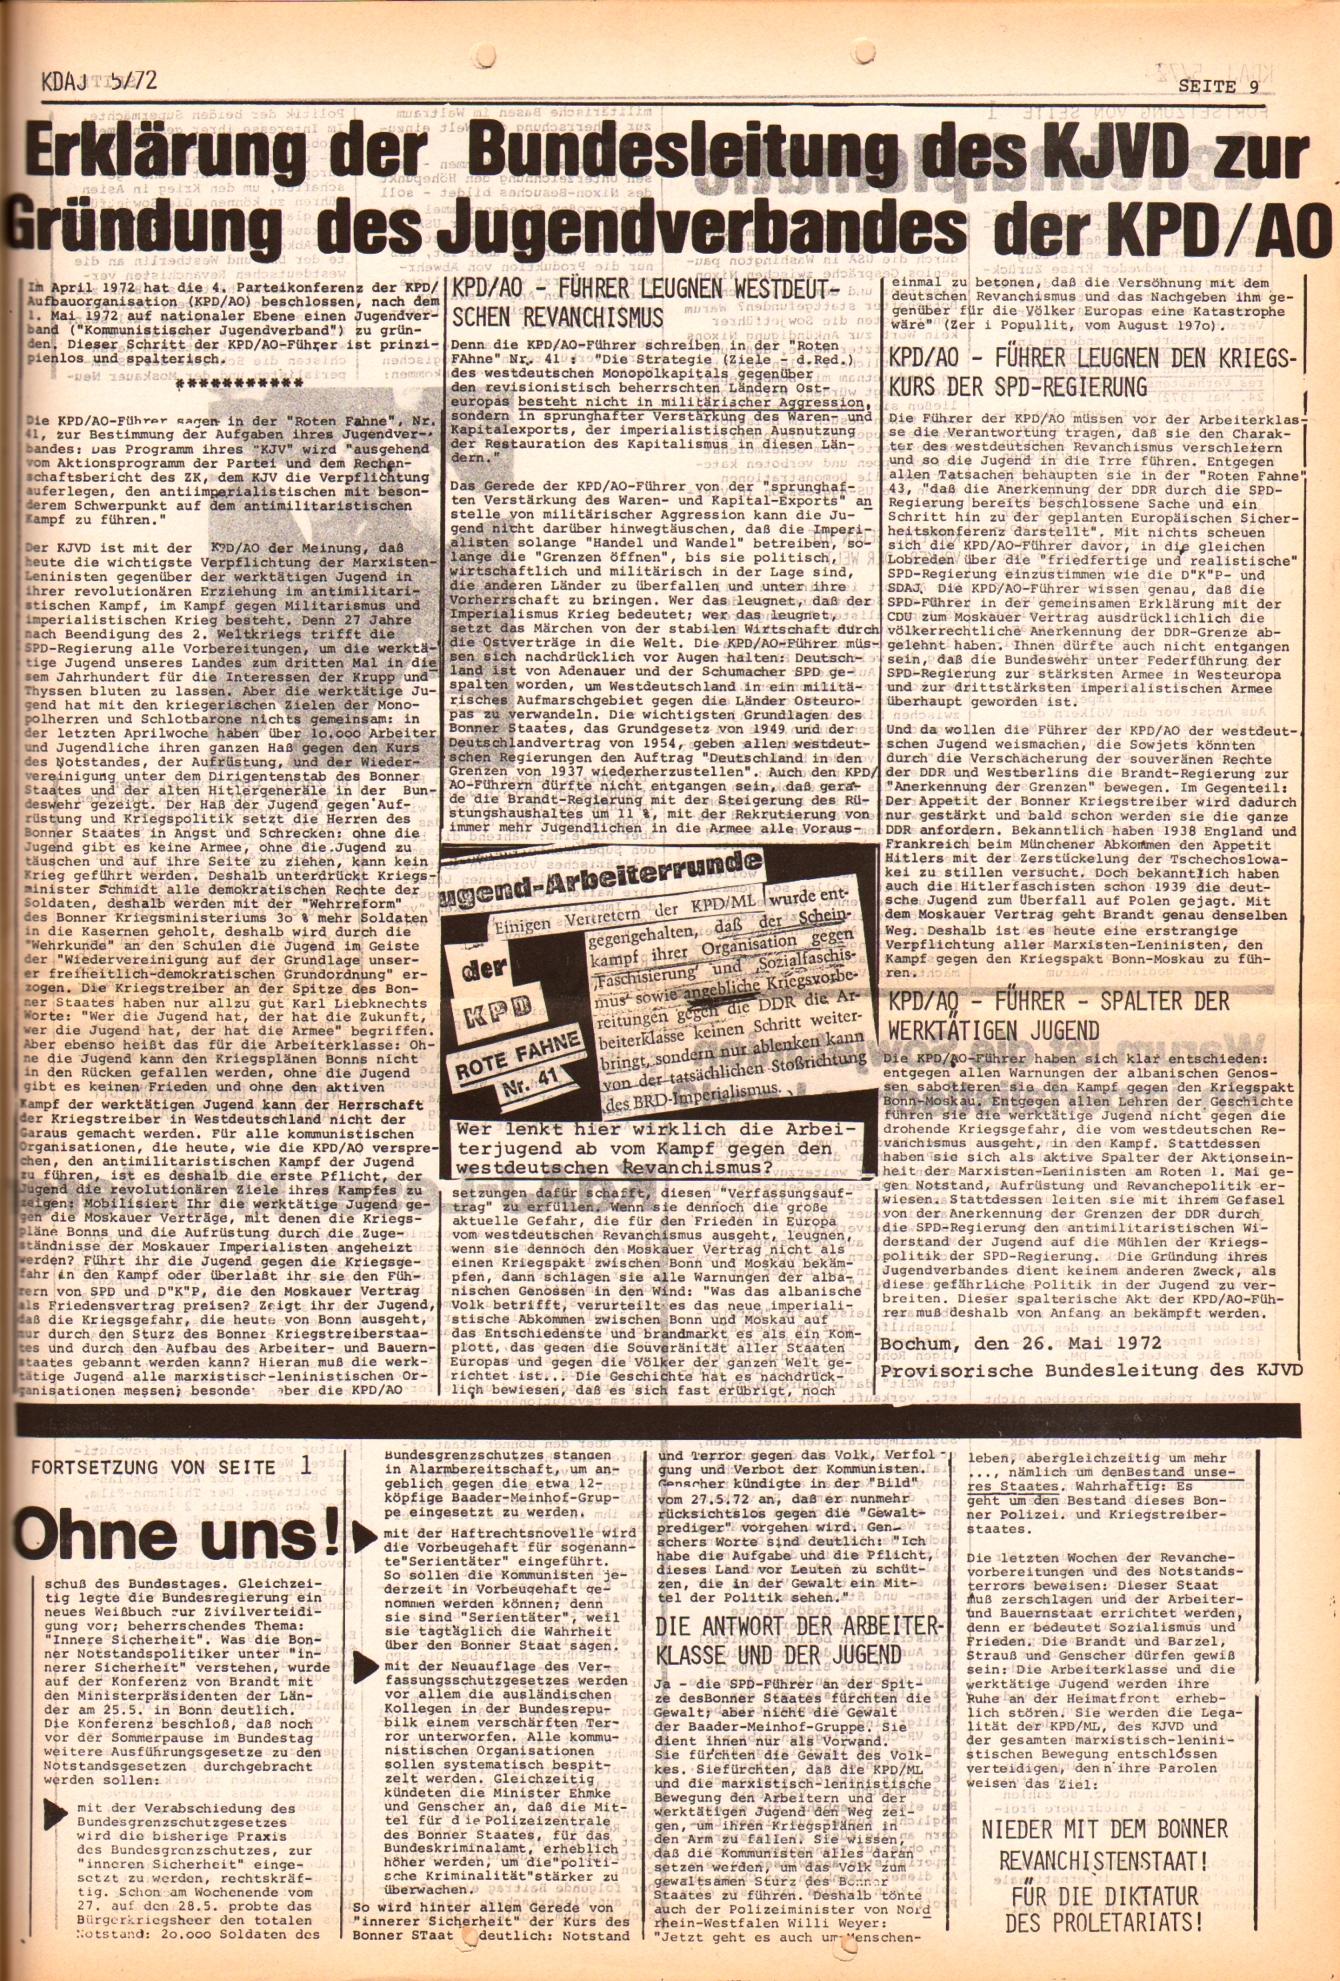 KDAJ, 3. Jg., Juni 1972, Nr. 5, Seite 9